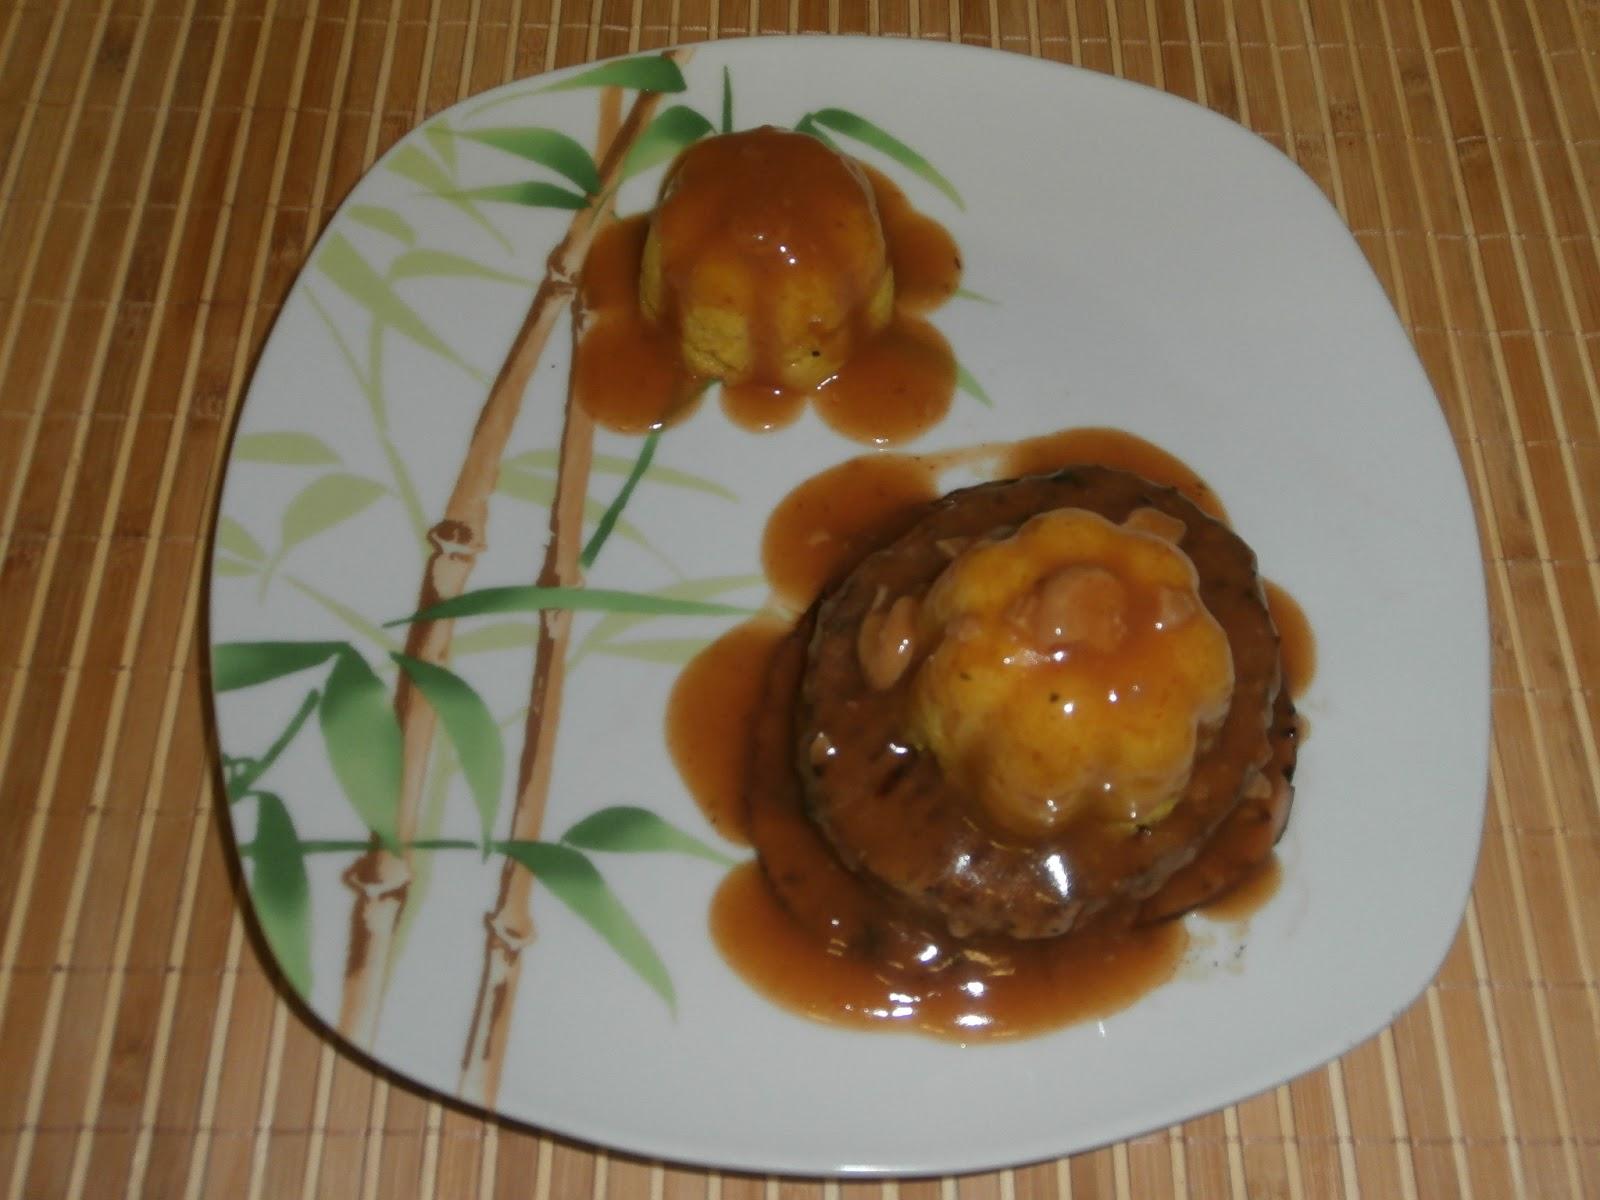 Les recettes chouettes de sissi polenta au fond de - Fond de volaille maison ...